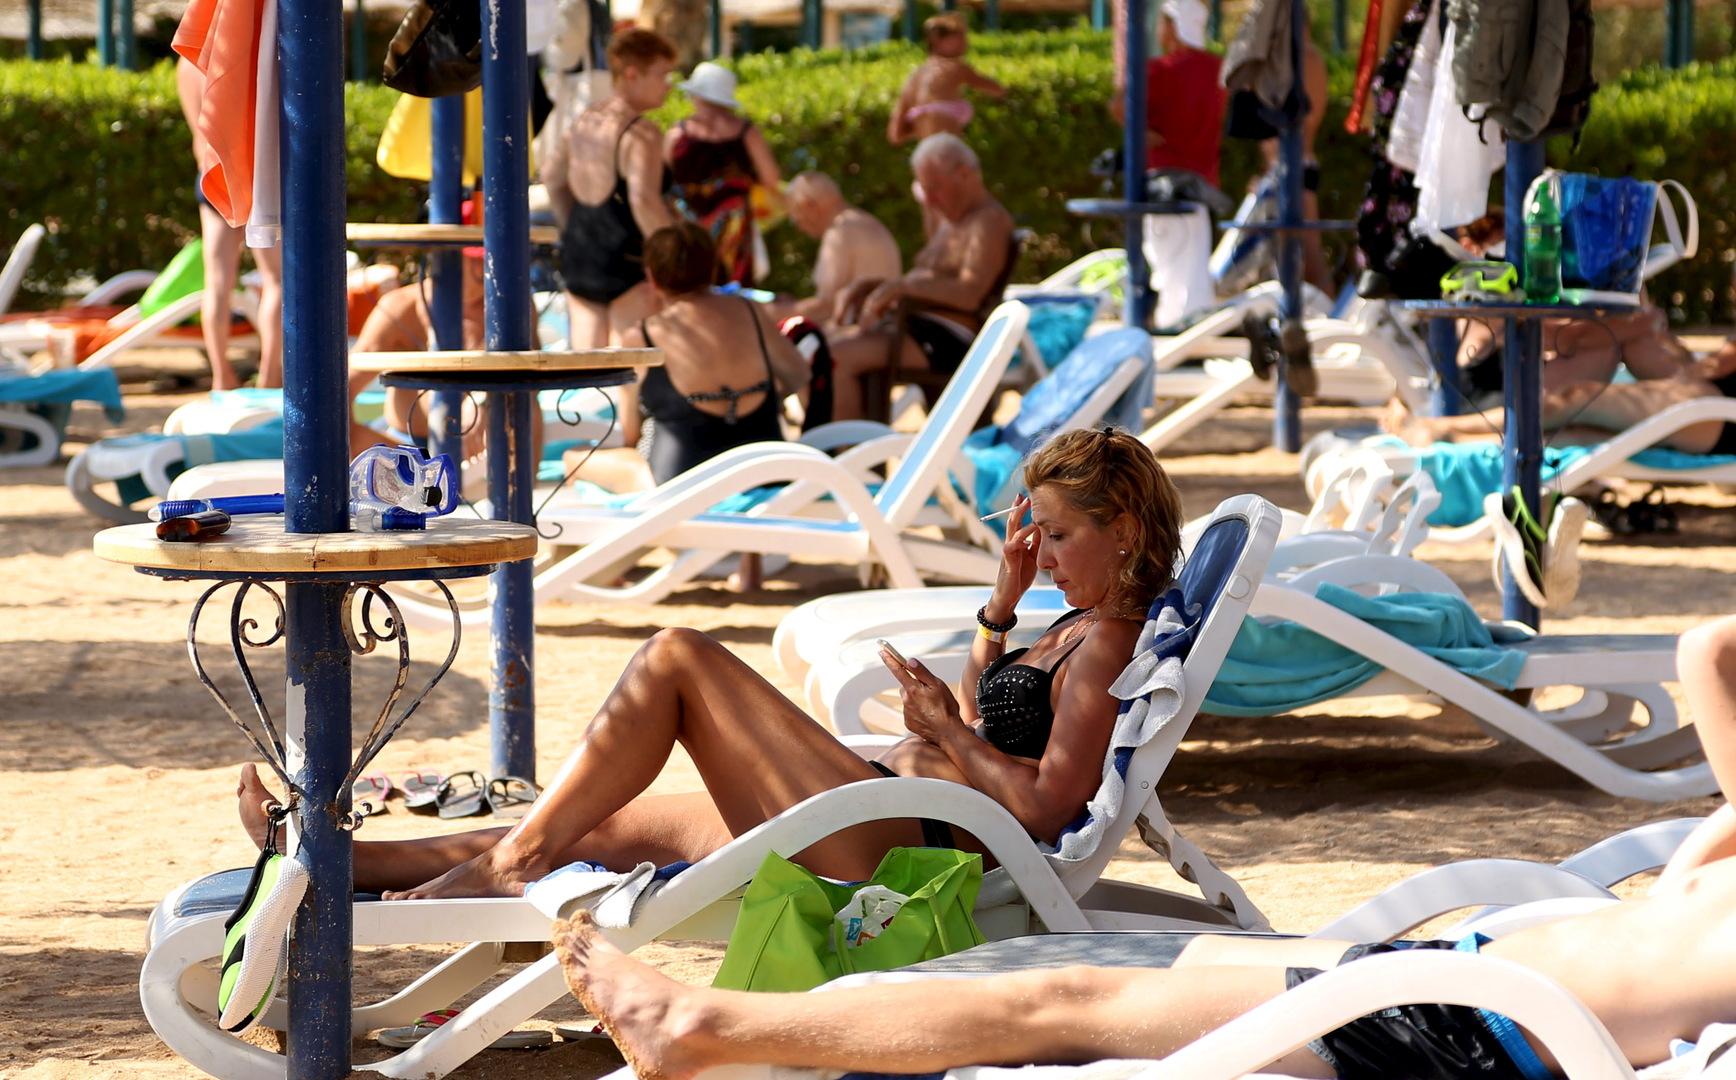 مصر تستقبل سياحا من سويسرا وبيلاروس في شرم الشيخ والغردقة لأول مرة منذ أزمة كورونا